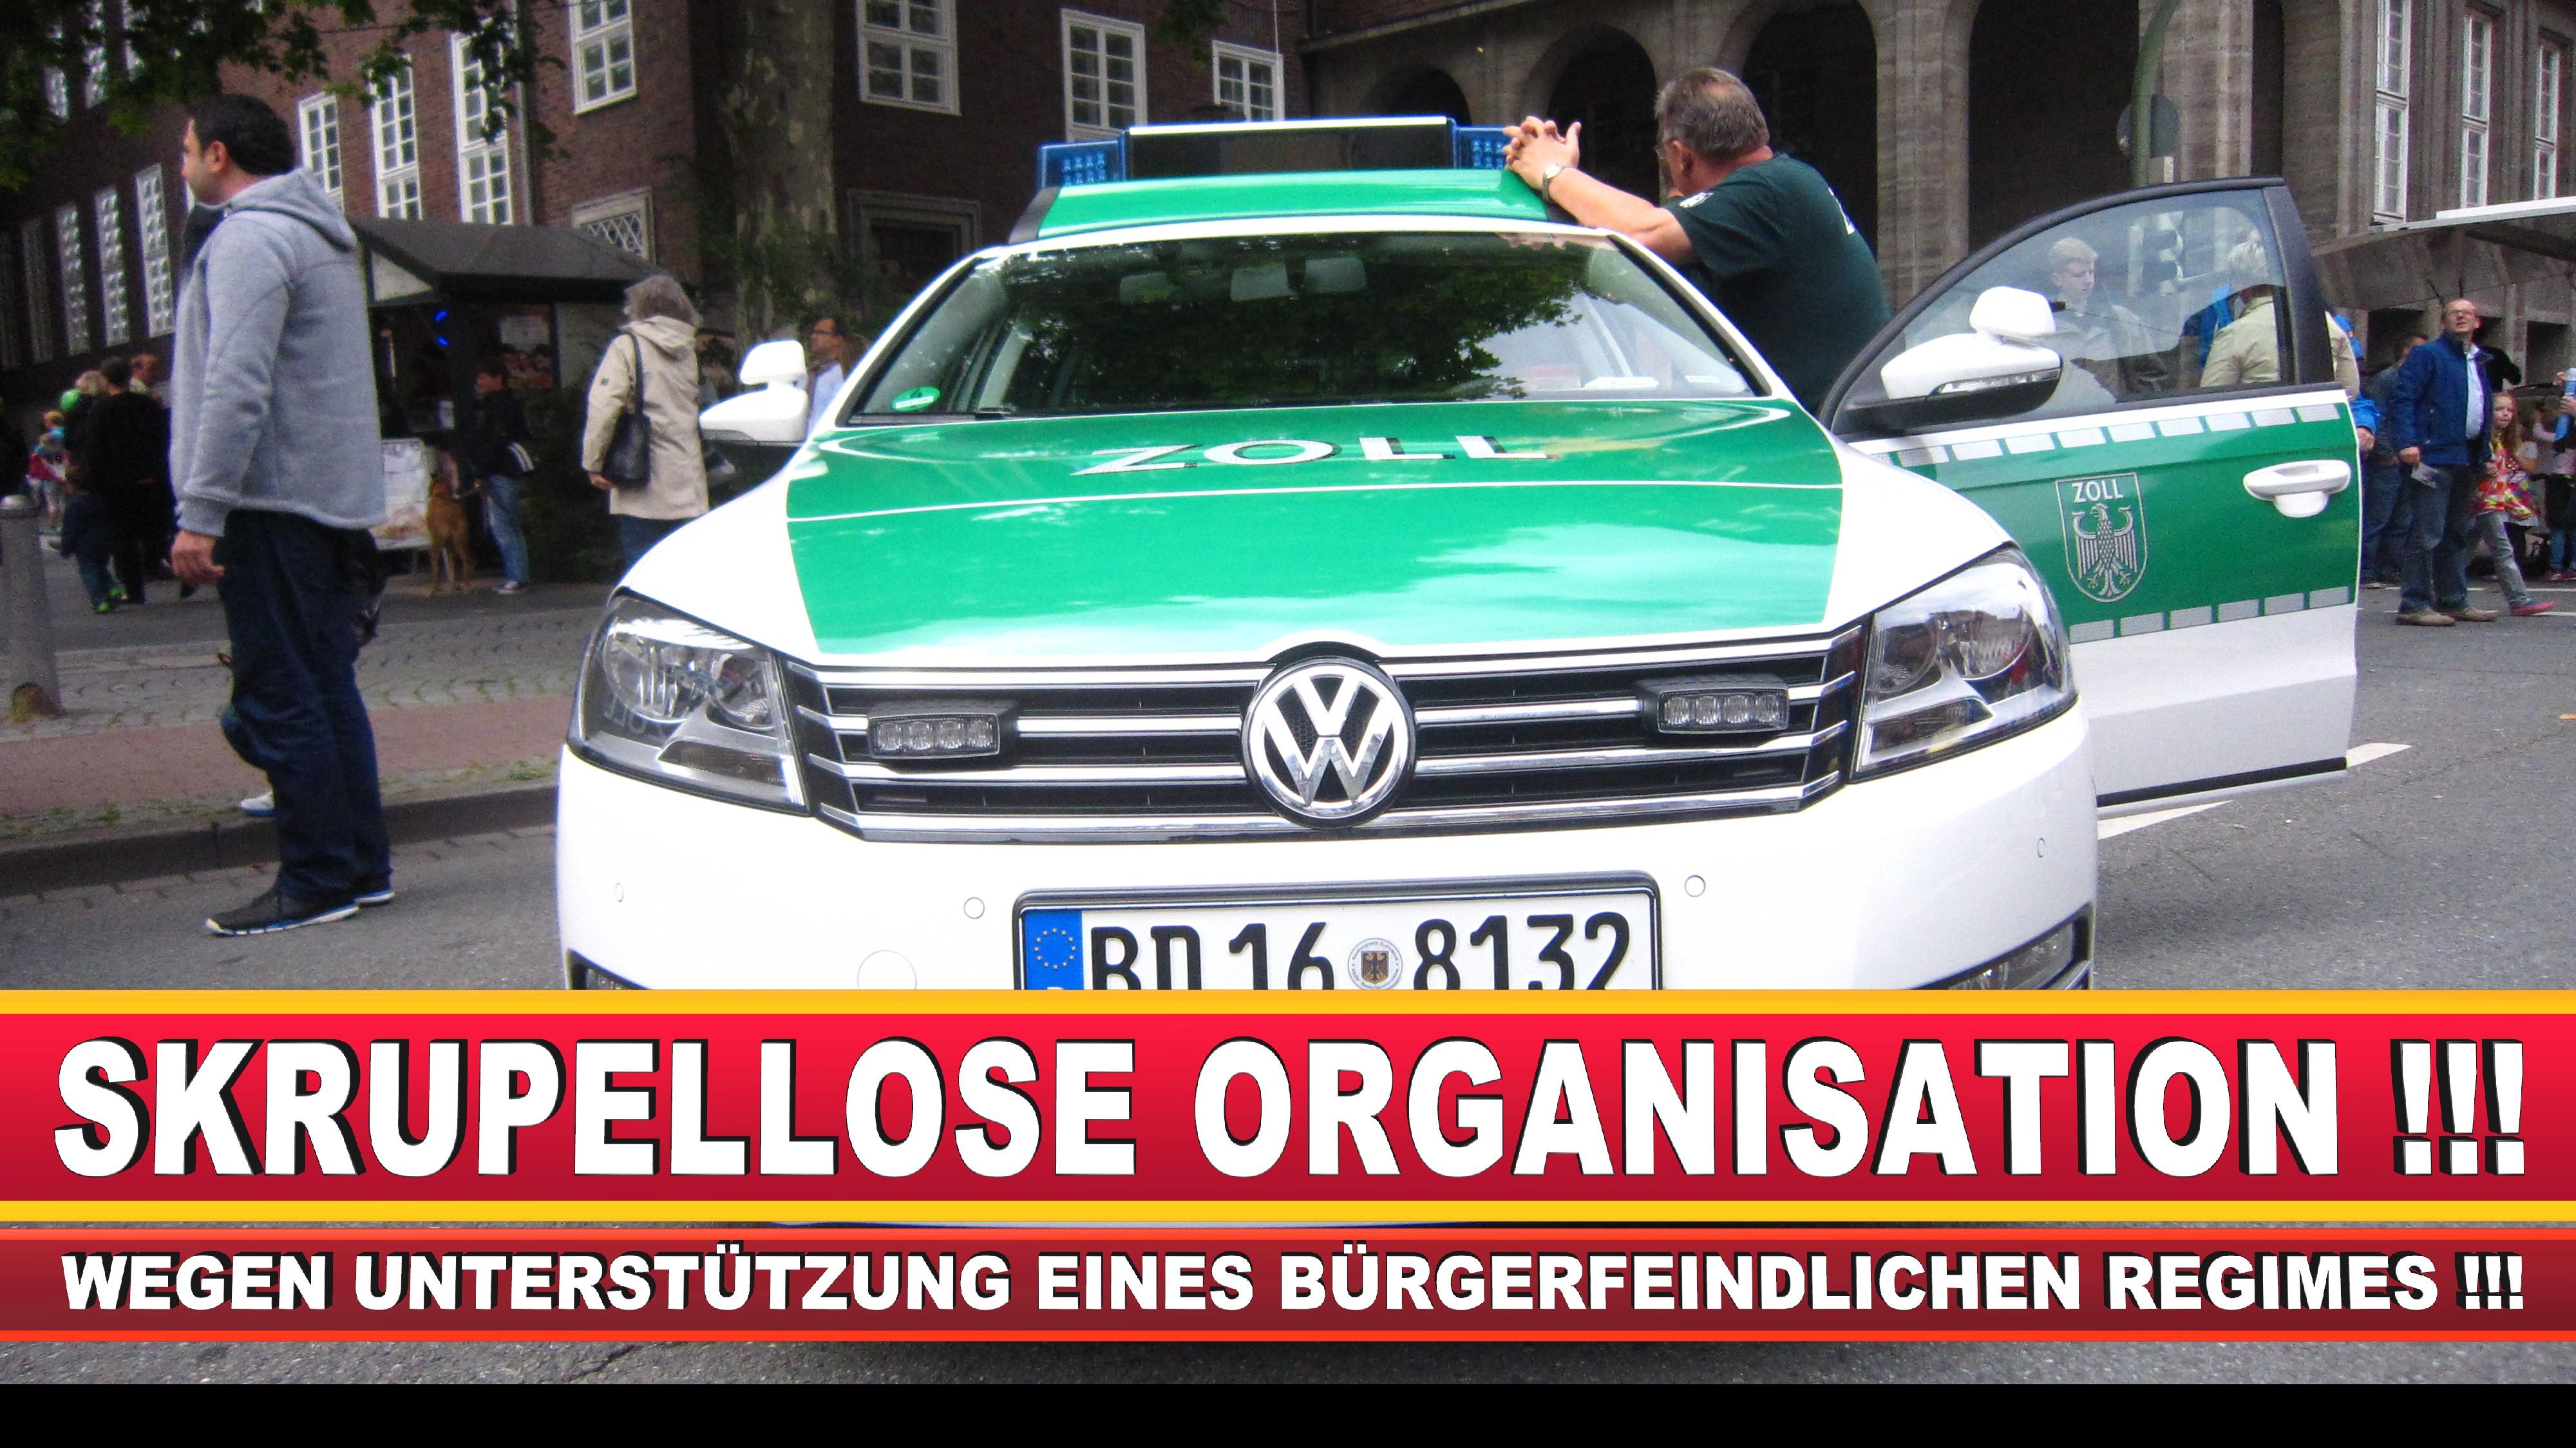 Polizeipräsidentin Katharina Giere Polizei Bielefeld NRW Erwin Südfeld Horst Kruse Polizeiuniform Polizeigewalt DEMONSTRATION Bahnhof (35)